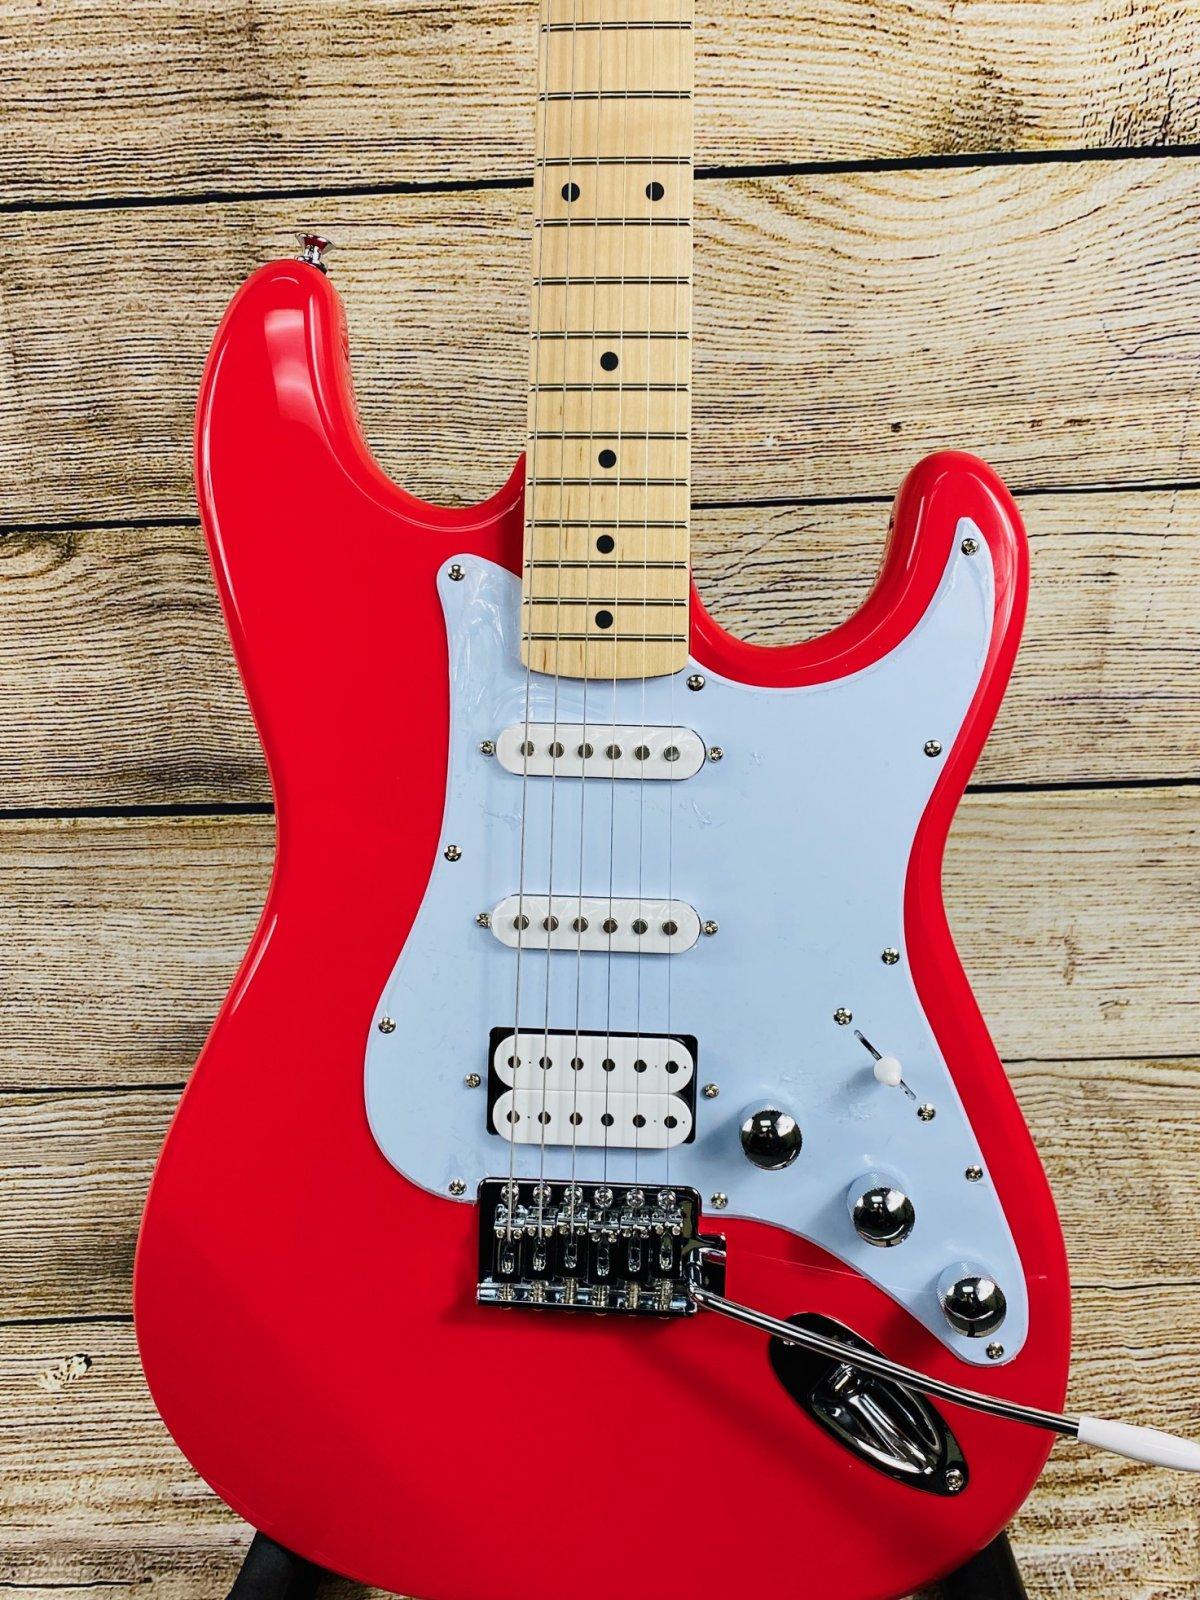 Kramer Focus VT-211S Electric Guitar - Red